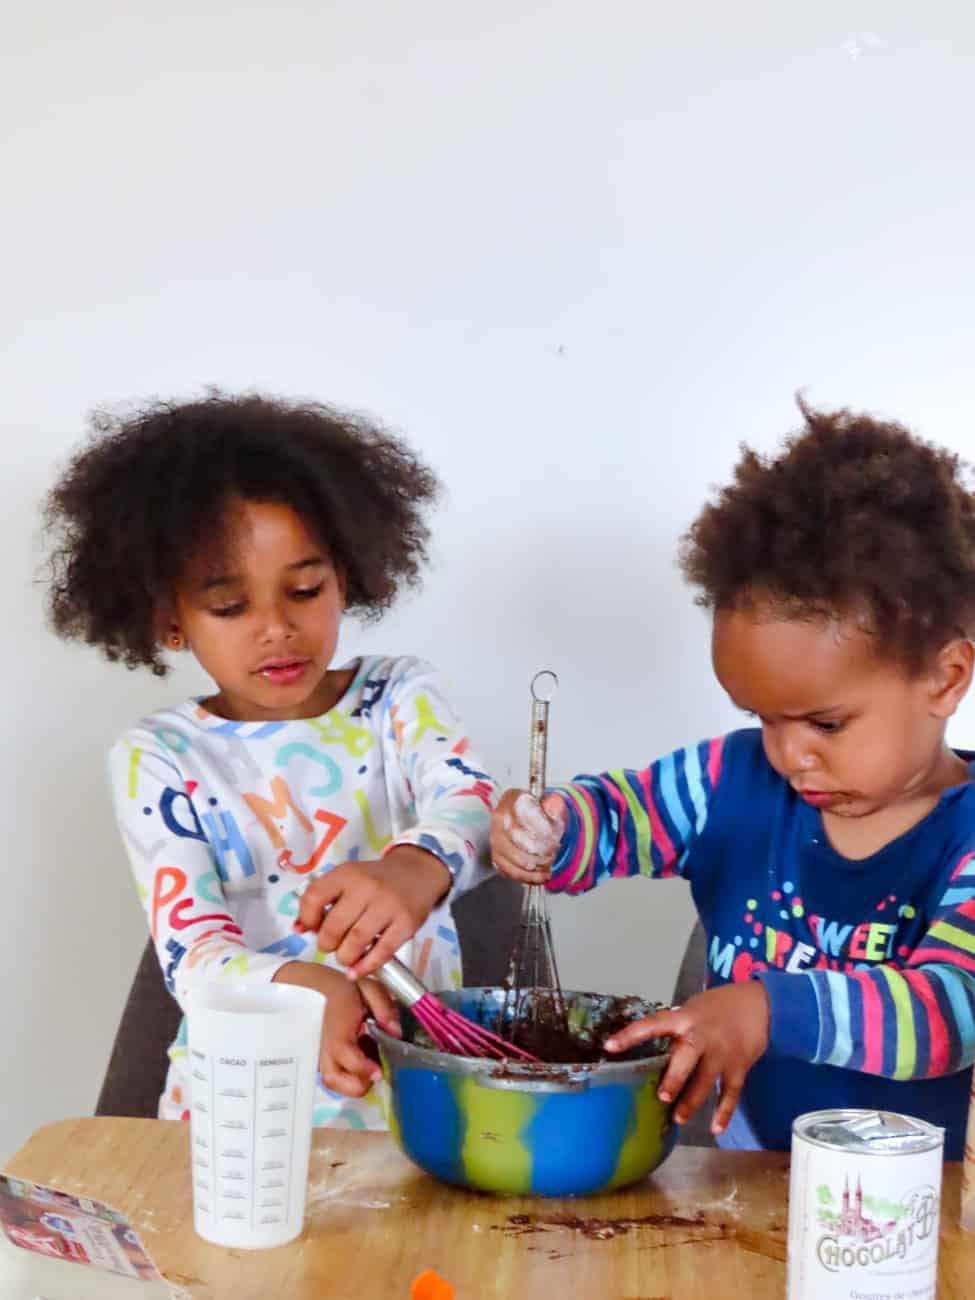 cuisiner-avec-enfants-recettes-34